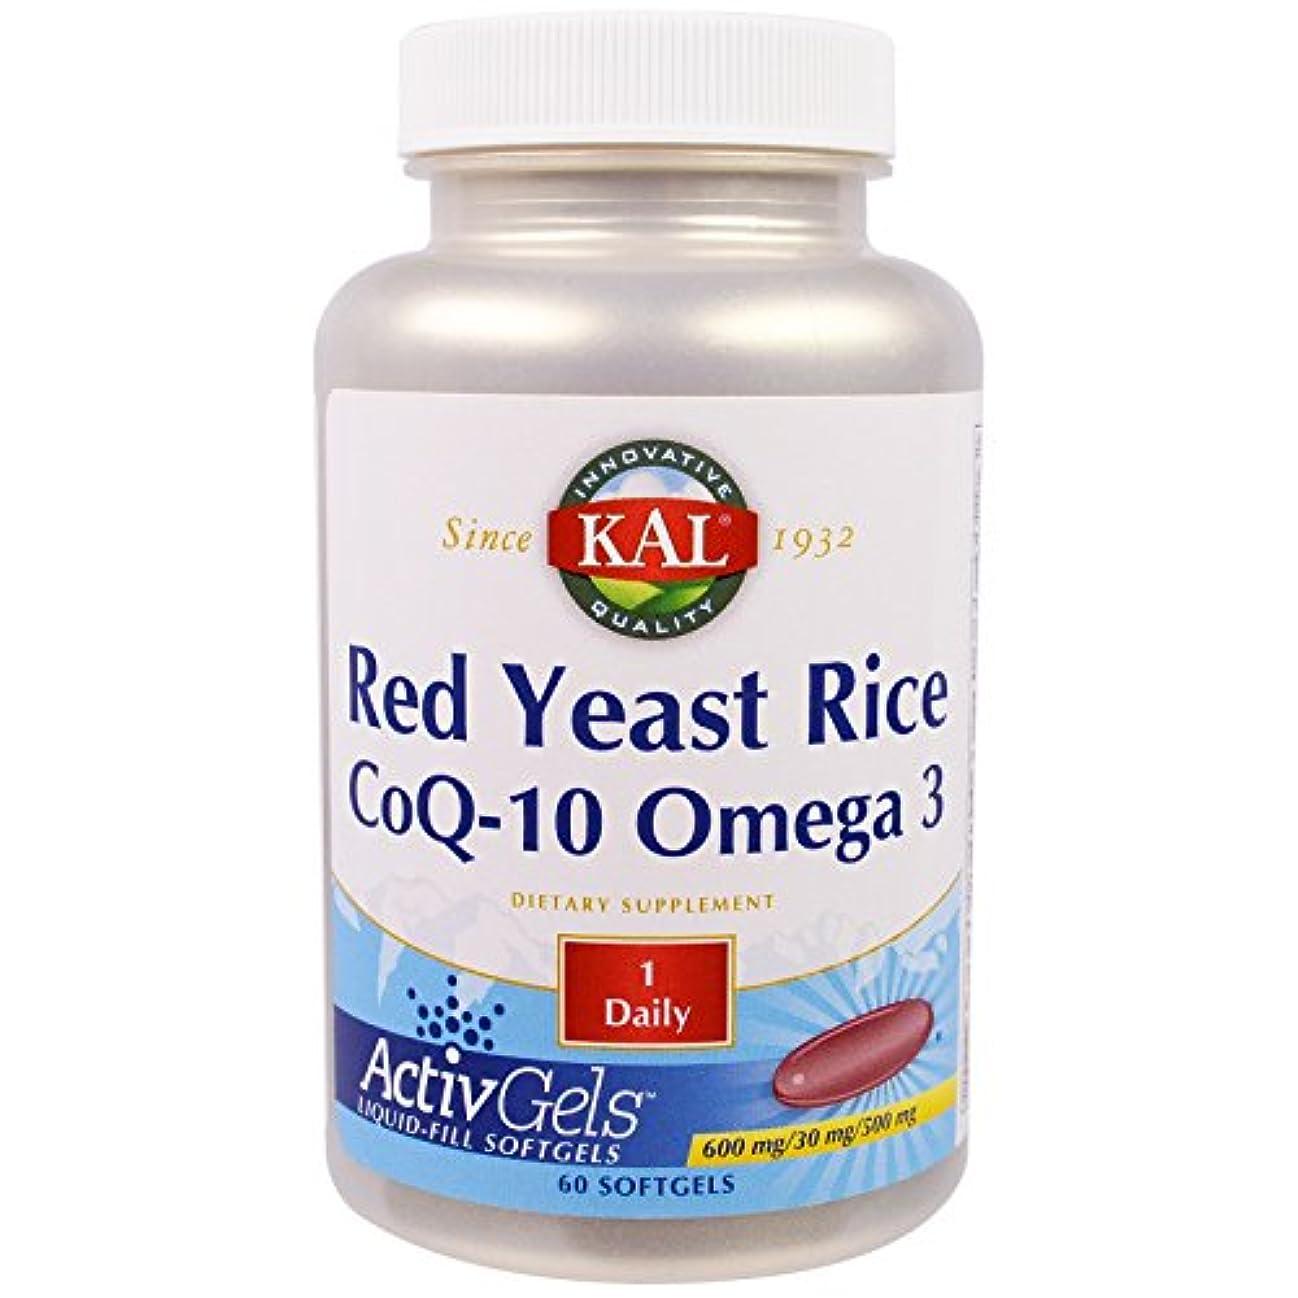 叙情的な有名な三紅麹(ベニコウジ)米&コエンザイムQ10 + オメガ3 EPA/DHA 60粒[海外直送品]